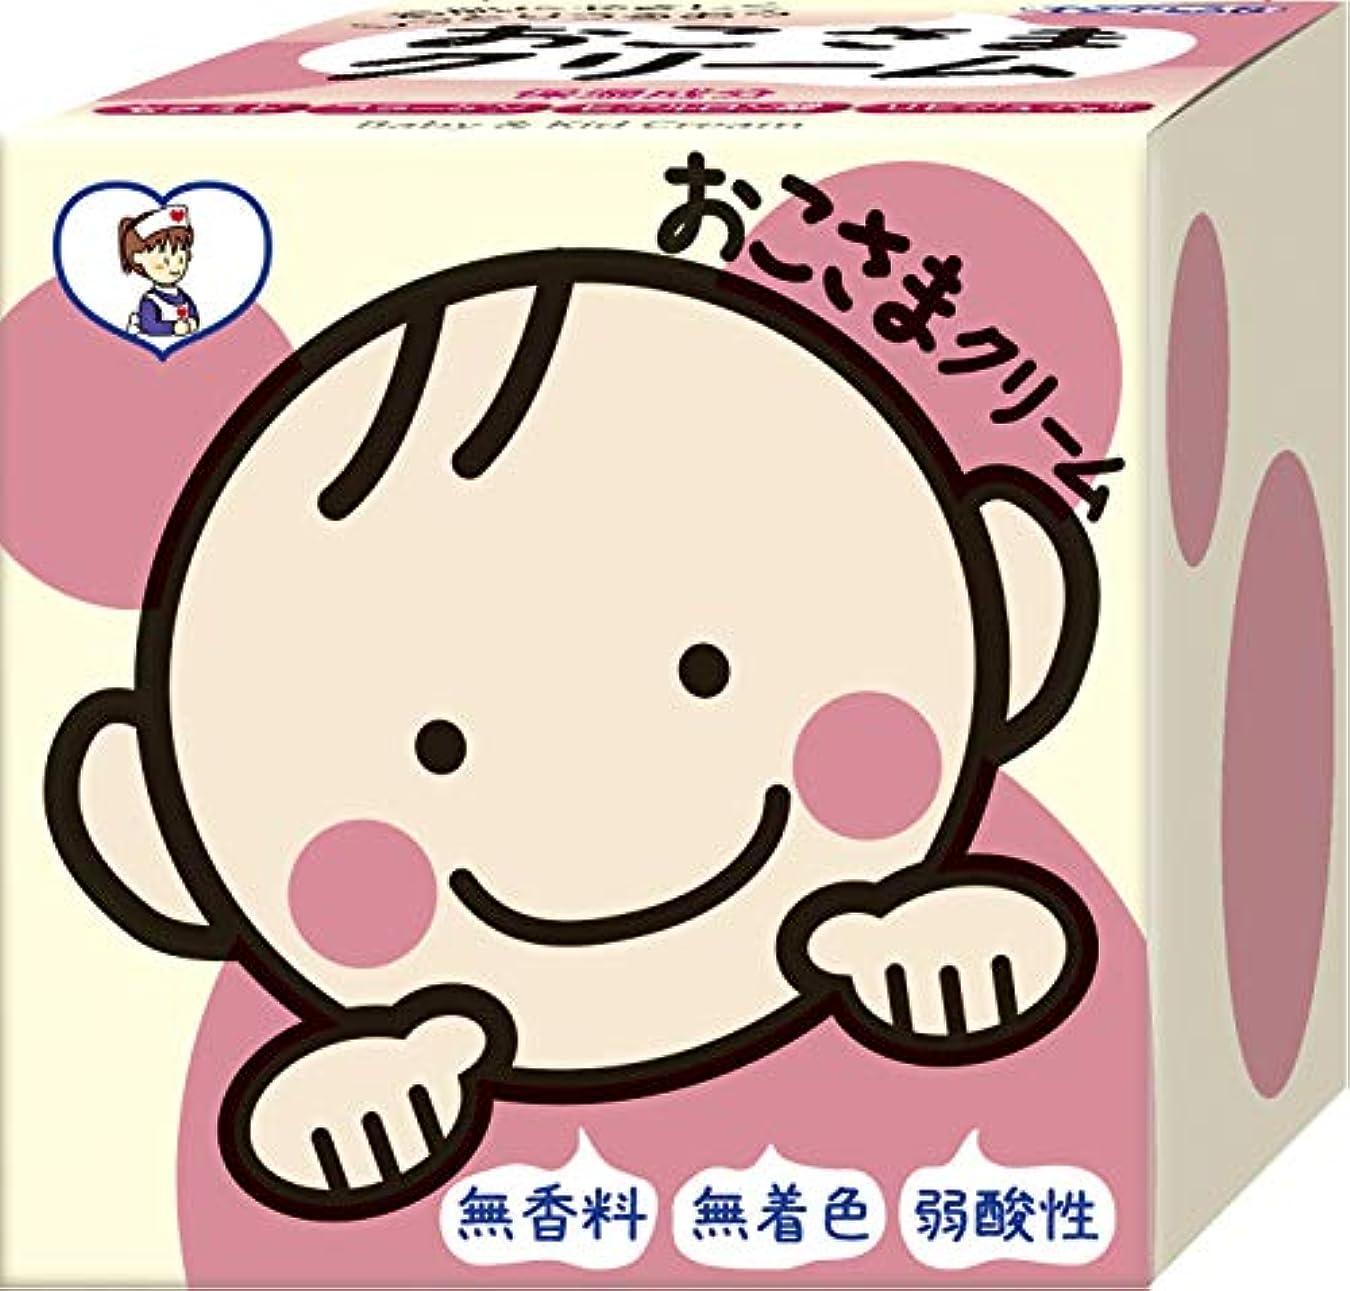 禁止する千うがいTO-PLAN(トプラン) おこさまクリーム110g 無着色 無香料 低刺激クリーム